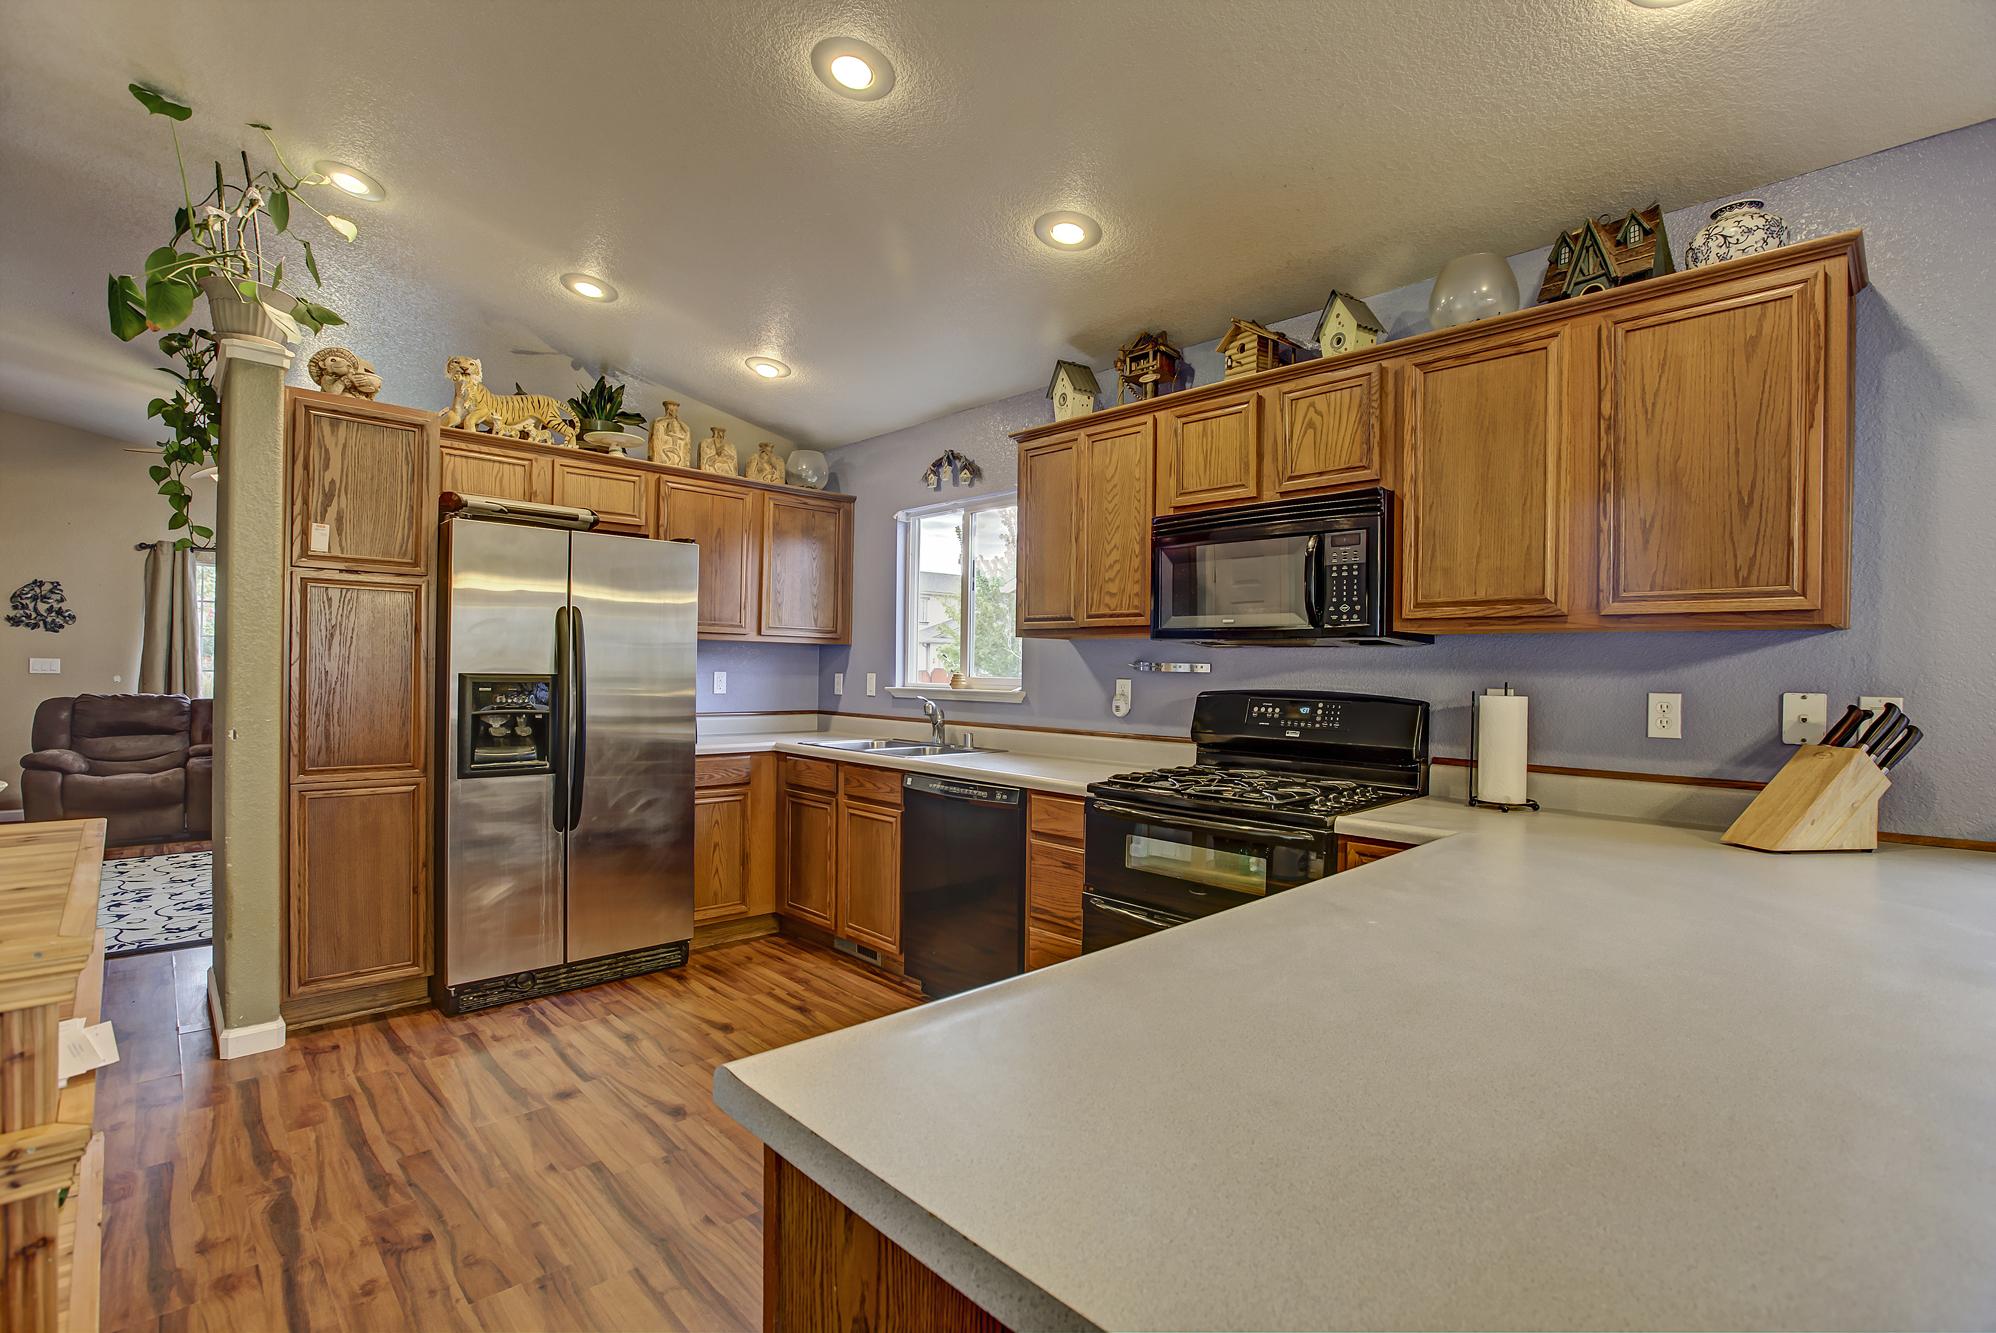 desertlakect17260-kitchen1